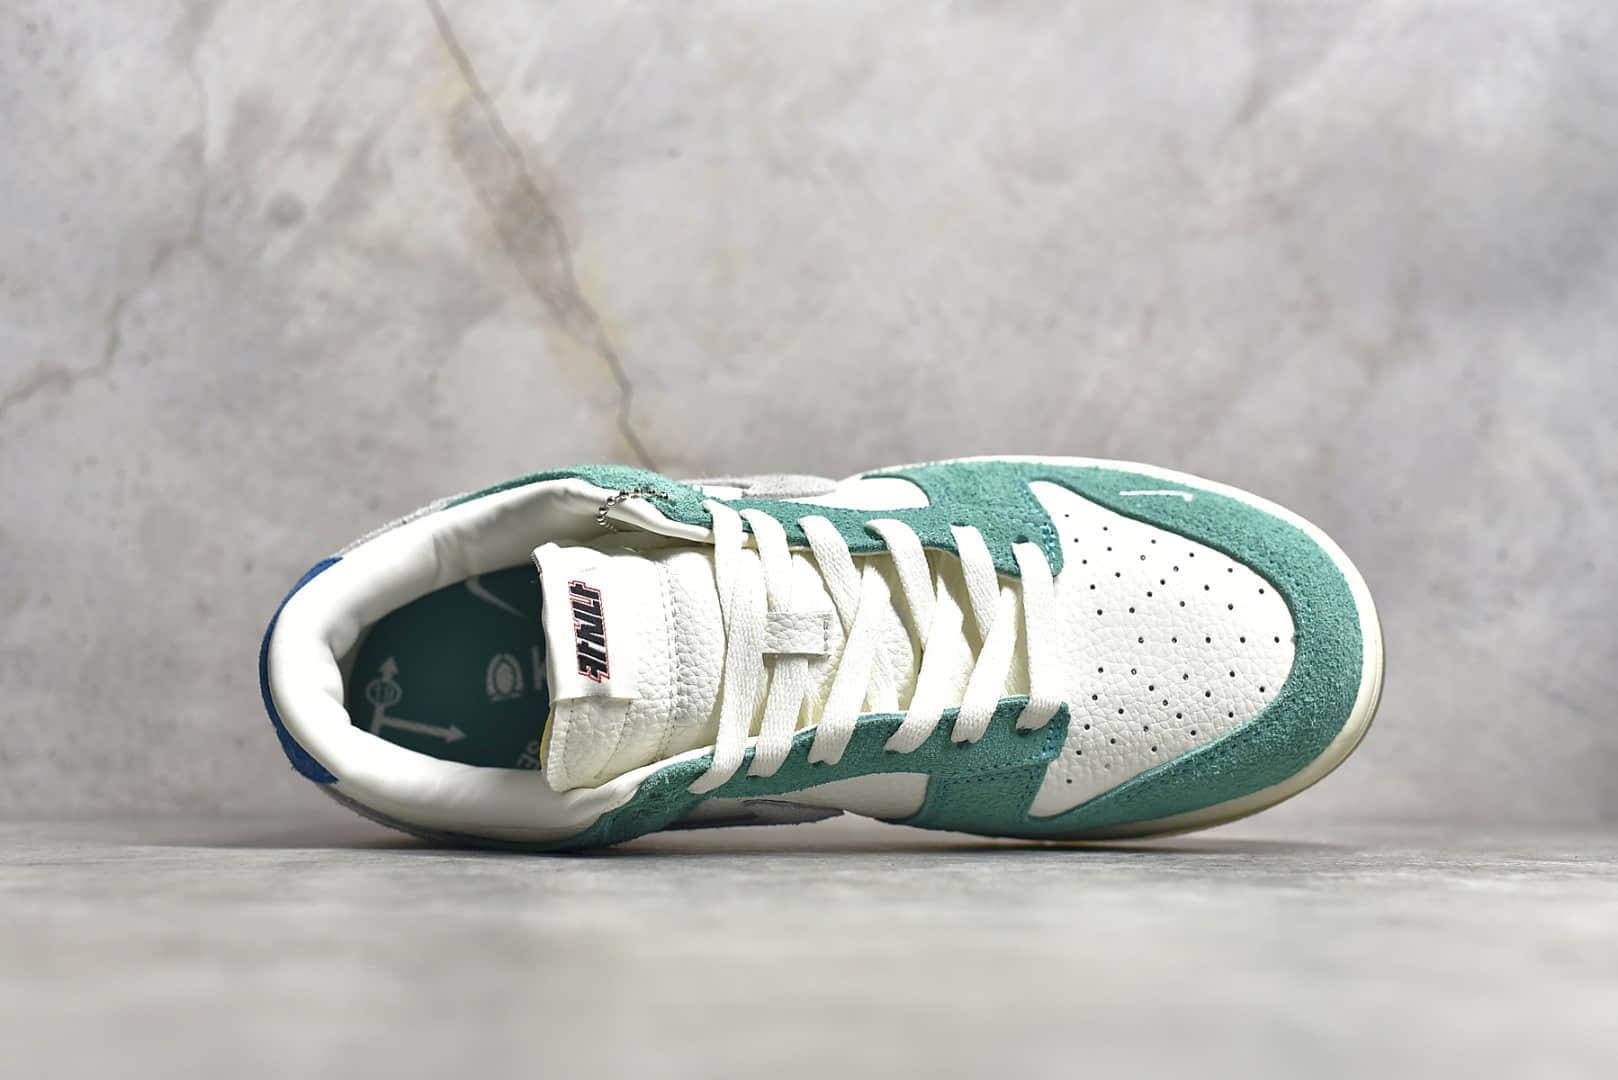 耐克Dunk SB KASINA 联名款板鞋 KASINA x NIKE SB Dunk Low 耐克Dunk白绿麂皮低帮 货号:CZ6501-101-潮流者之家